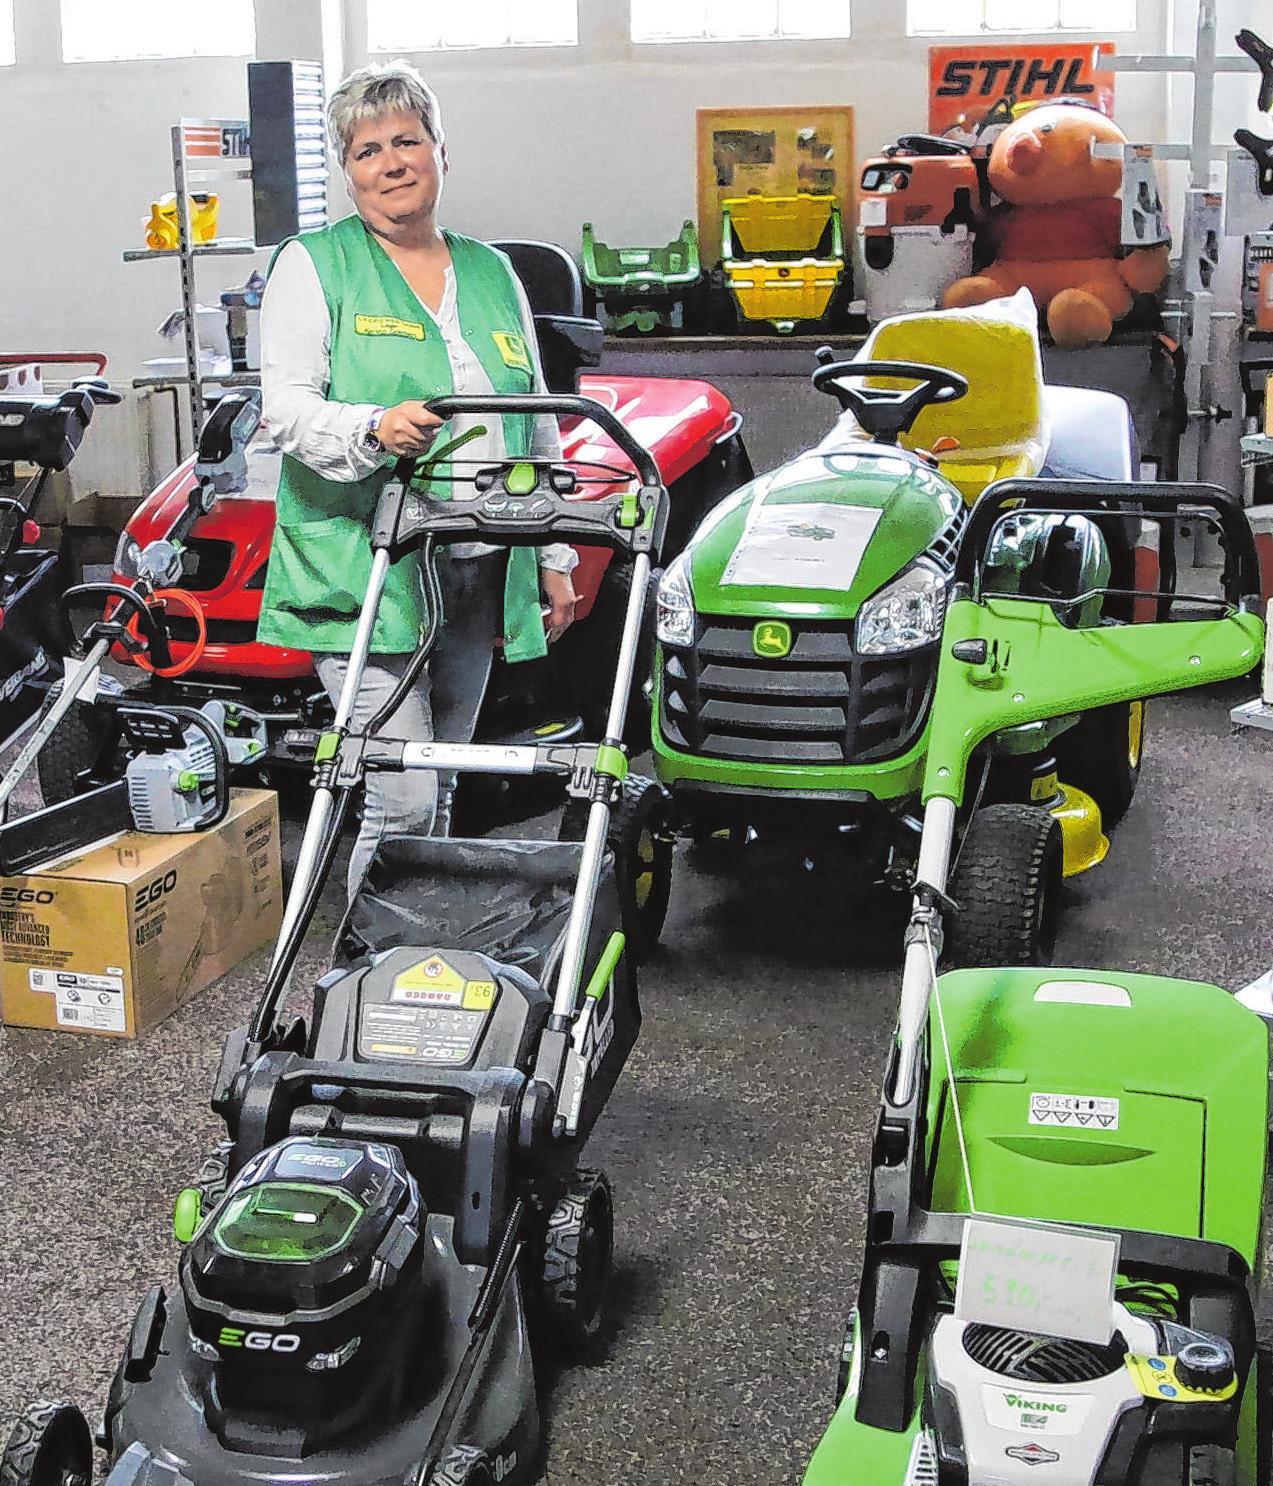 Auch Technik für Haus und Hof im Angebot: Kerstin Golchert kennt sich aus mit Freischneidern, Laubbbläsern, Rasenmähern und vielem mehr.